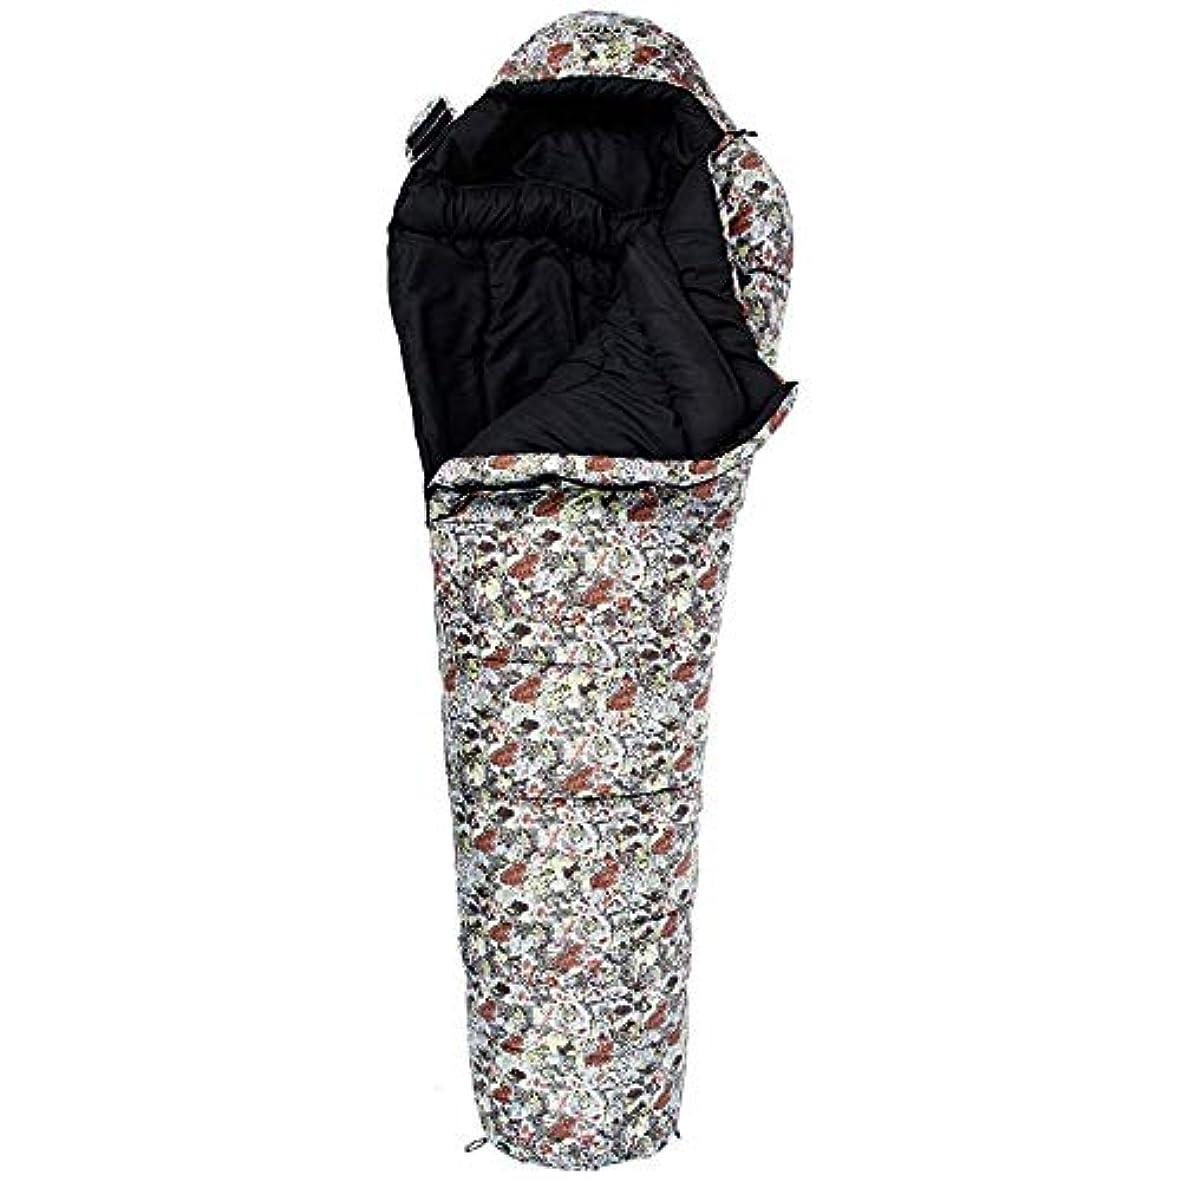 ユーモラス変更鷲寝袋 - ポリエステル70D / Chun Yafang、大人の四季屋外肥厚屋内キャンプ迷彩シングルワイルド寝袋、に適し:屋内での昼休み、野外活動 - 3色